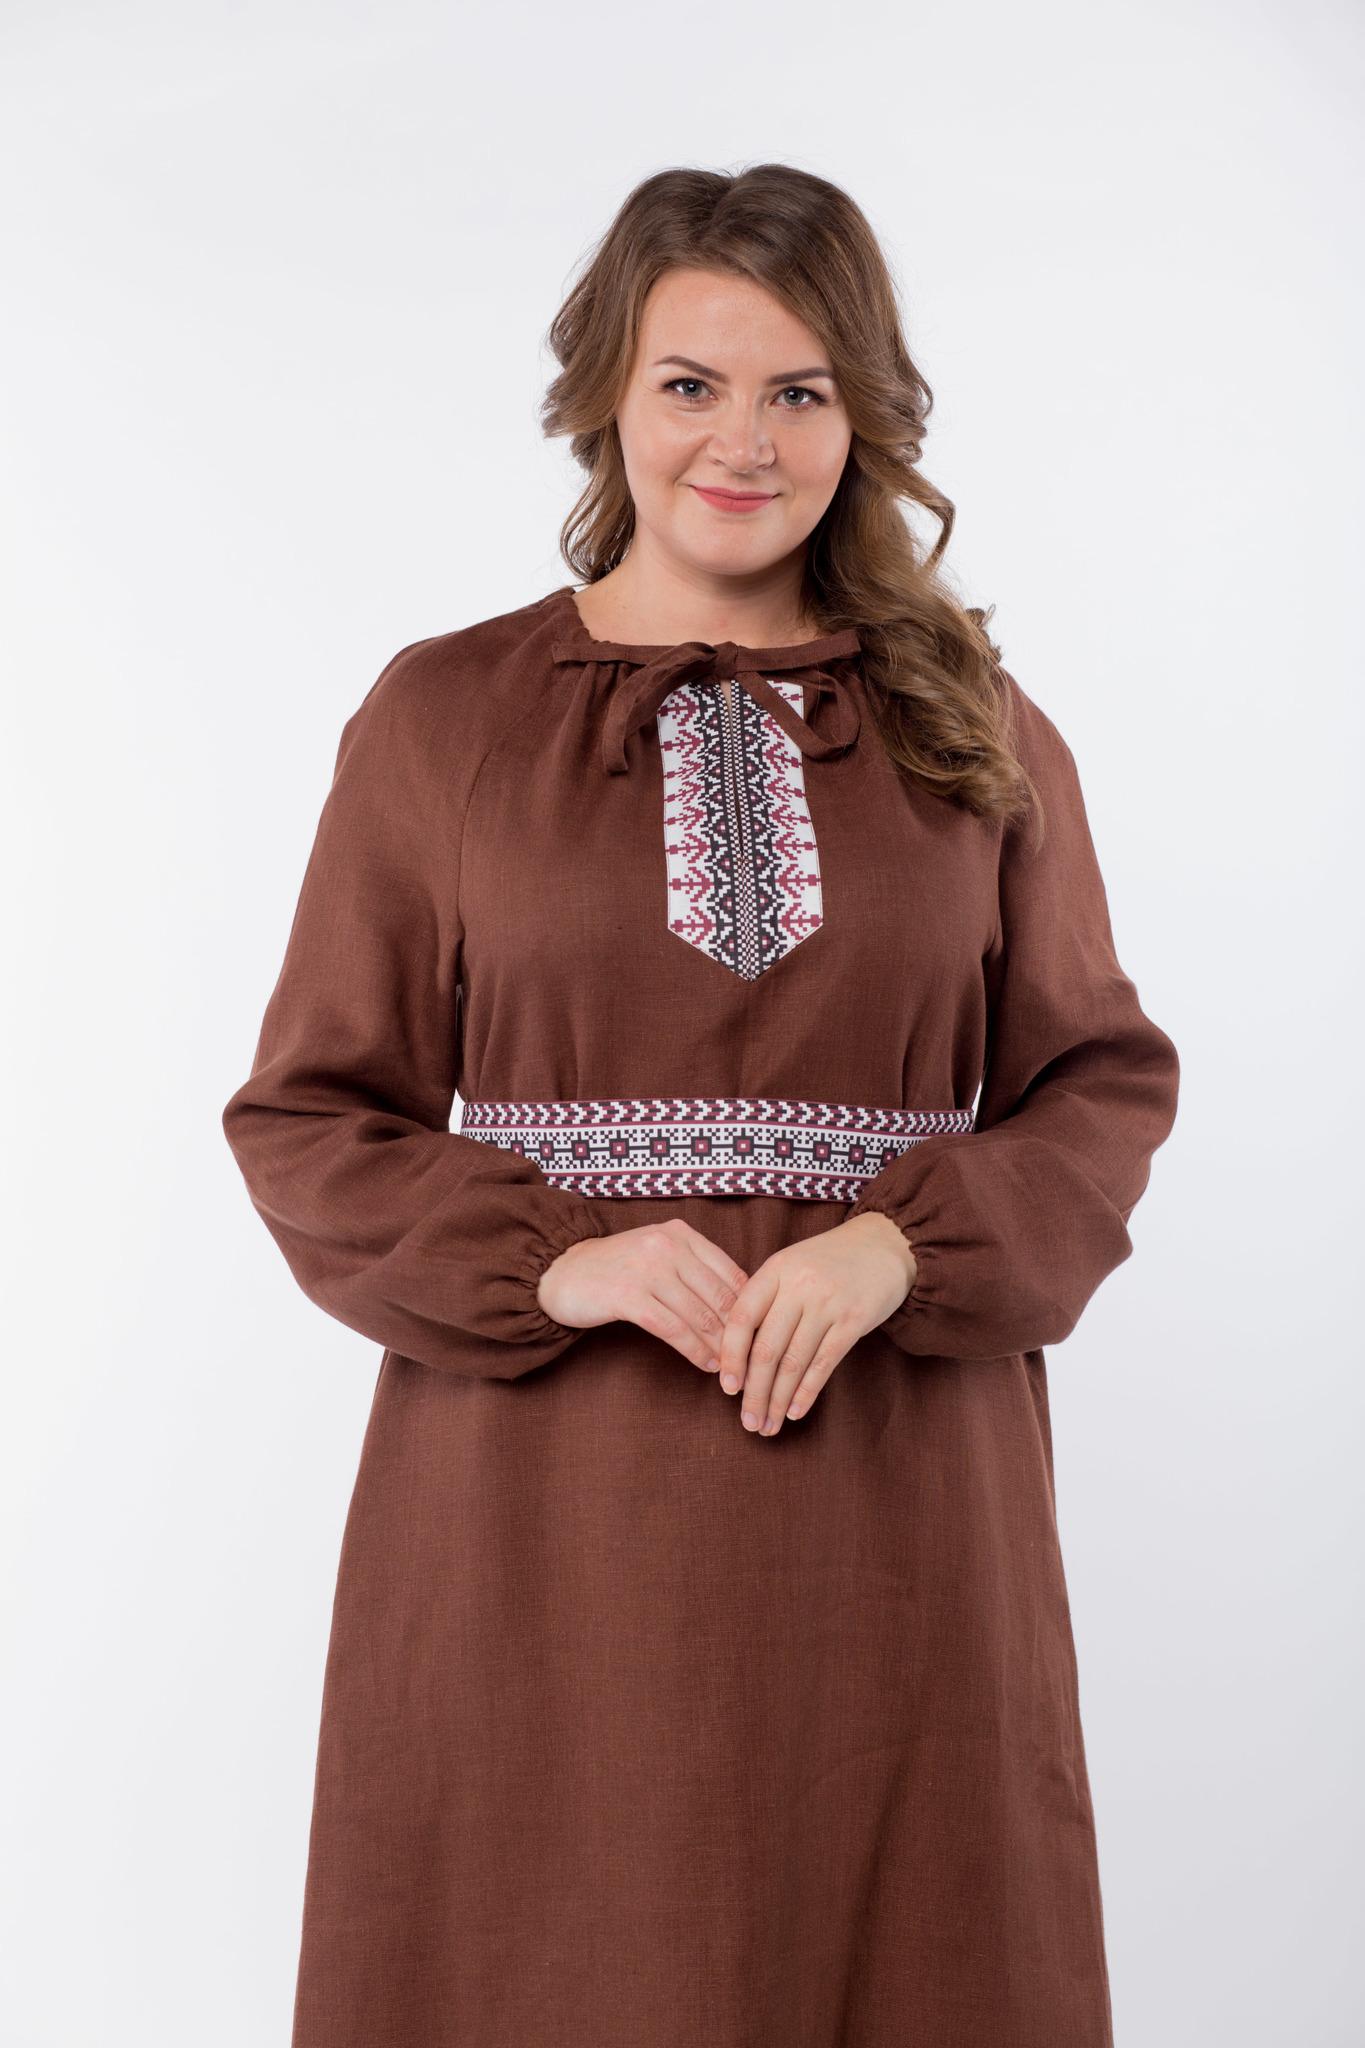 Платье льняное Новгородское 50-52 размер приближенный фрагмент